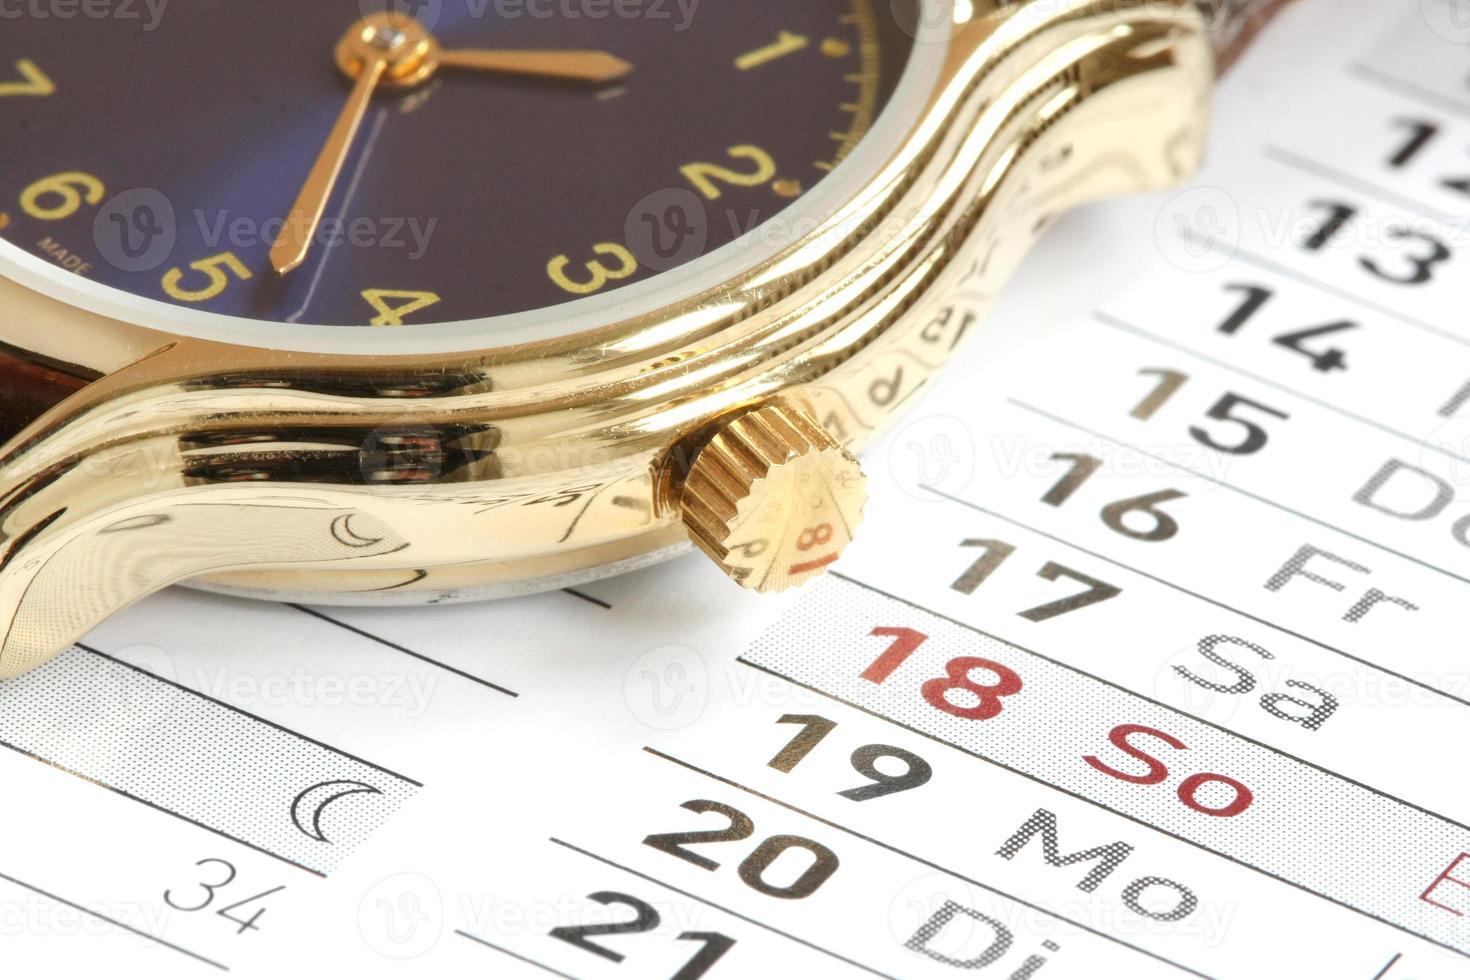 Armbanduhr auf dem Kalenderhintergrund foto